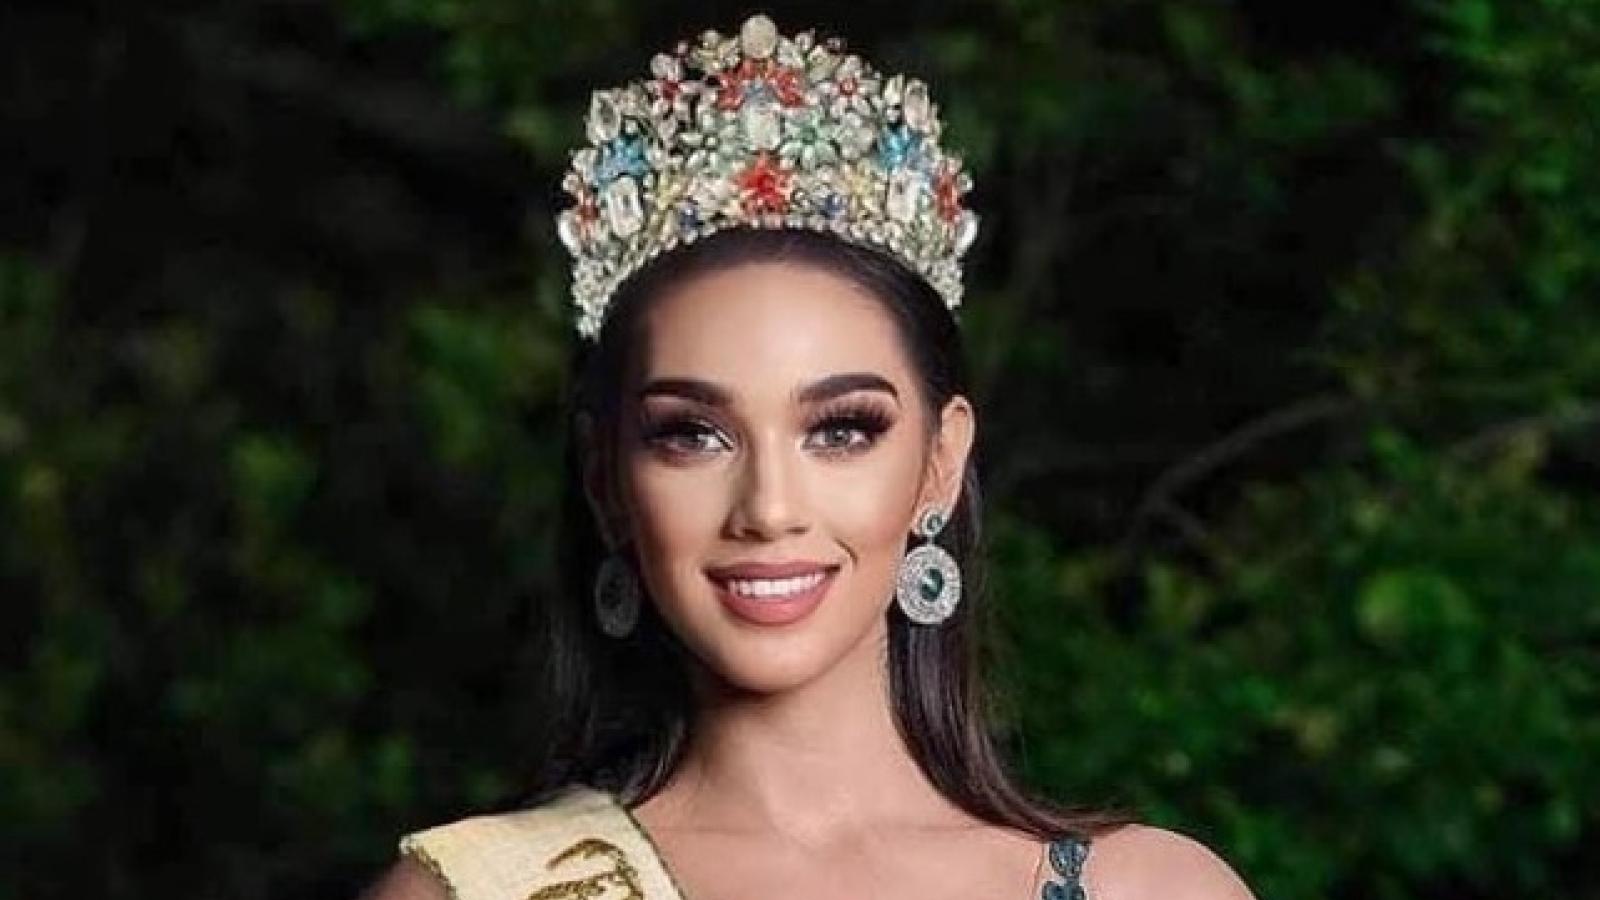 """Nhan sắc """"cực phẩm"""" của người mẫu đăng quang Hoa hậu Trái đất Philippines 2021"""